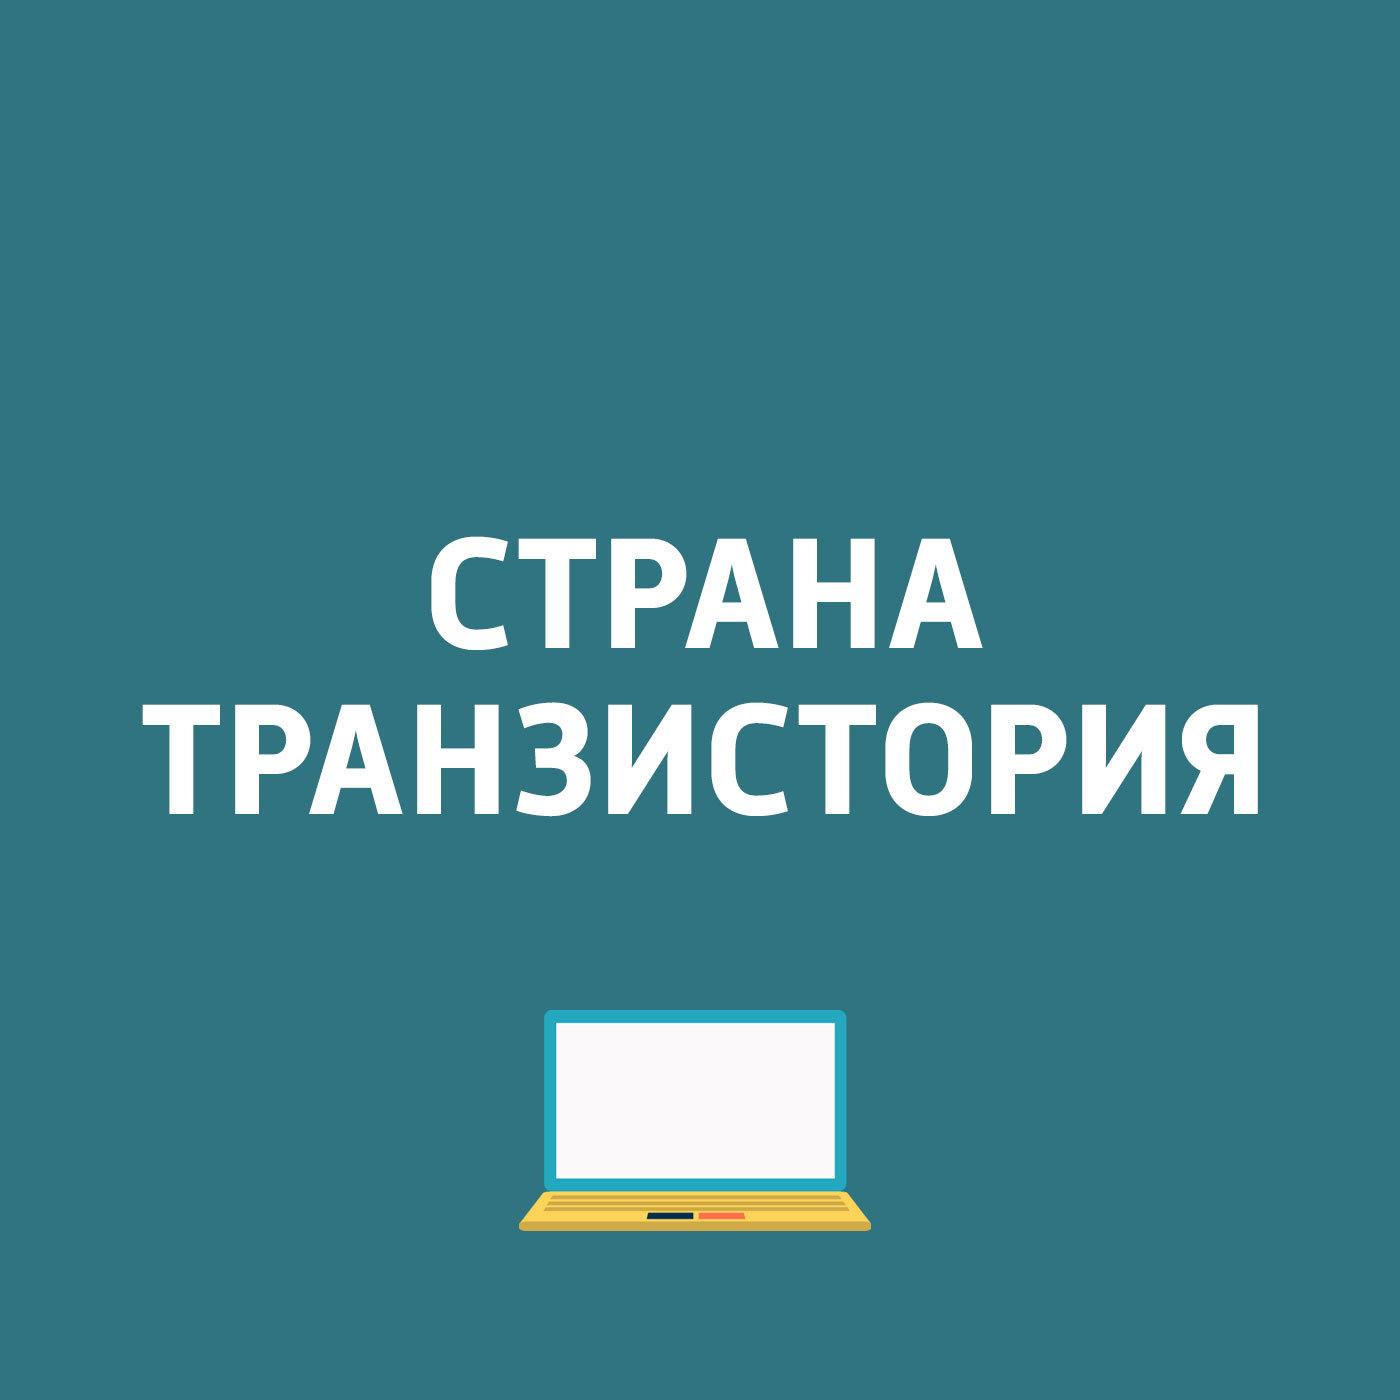 Картаев Павел Киберспорт признан официальным. Новый дизайн ВКонтакте. iPhone стало доступно приложение «Попутчик. «Яндекс» выпустил «Дзен»... картаев павел киберспорт в россии приравняли к футболу